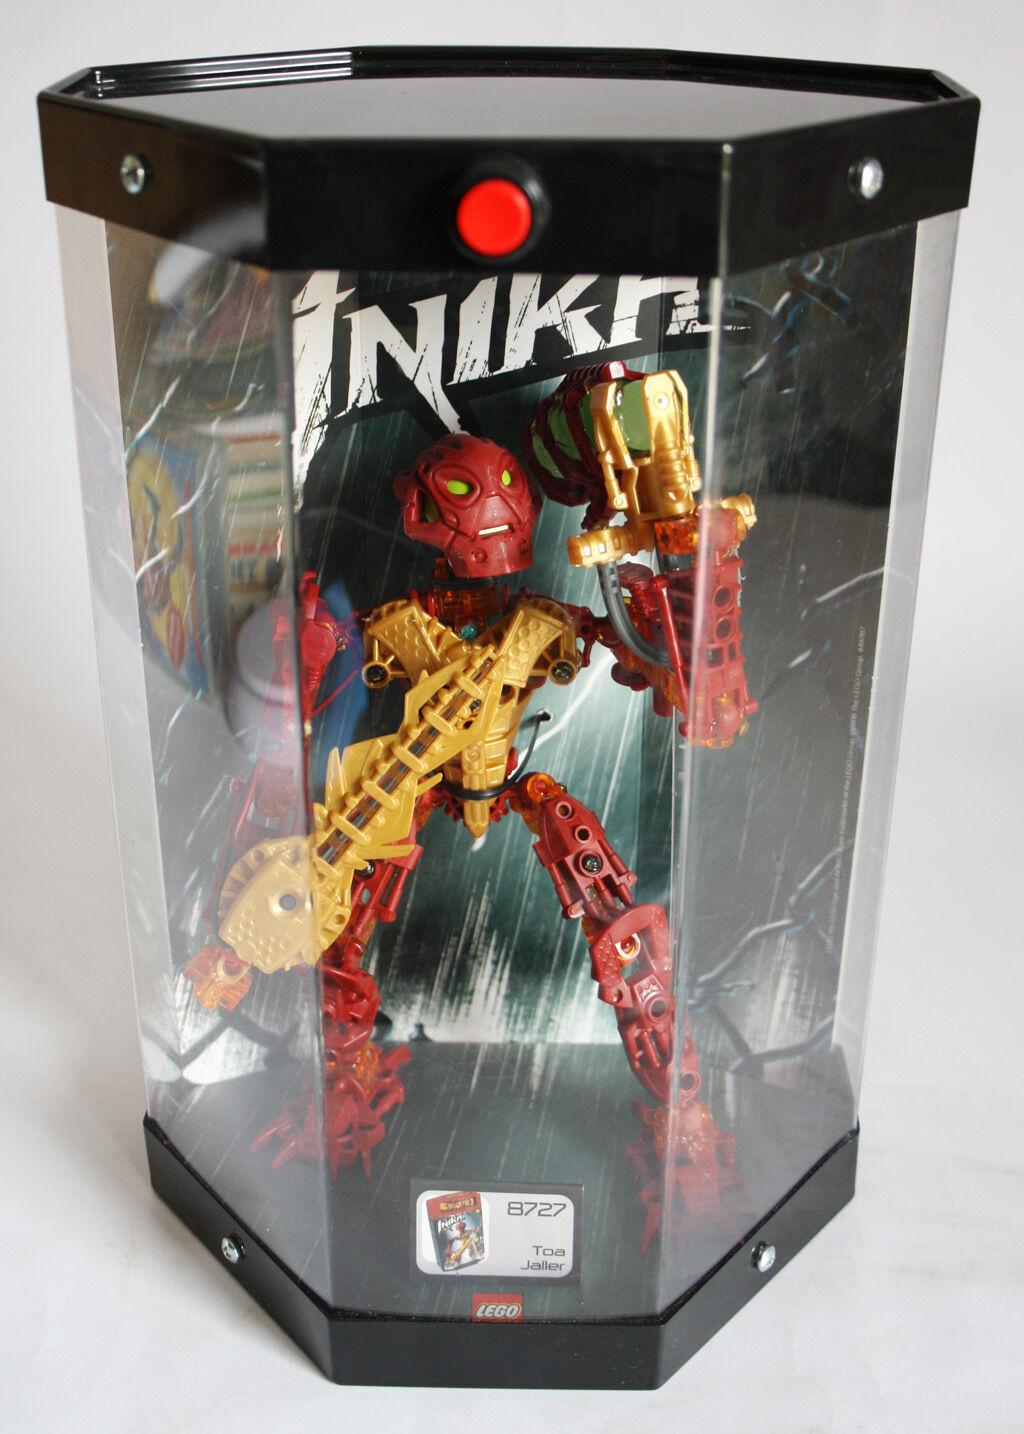 AMAZING 2006 LEGO BIONICLE INIKA 8727 TOA JALLER 12  MODEL DISPLAY TUBE